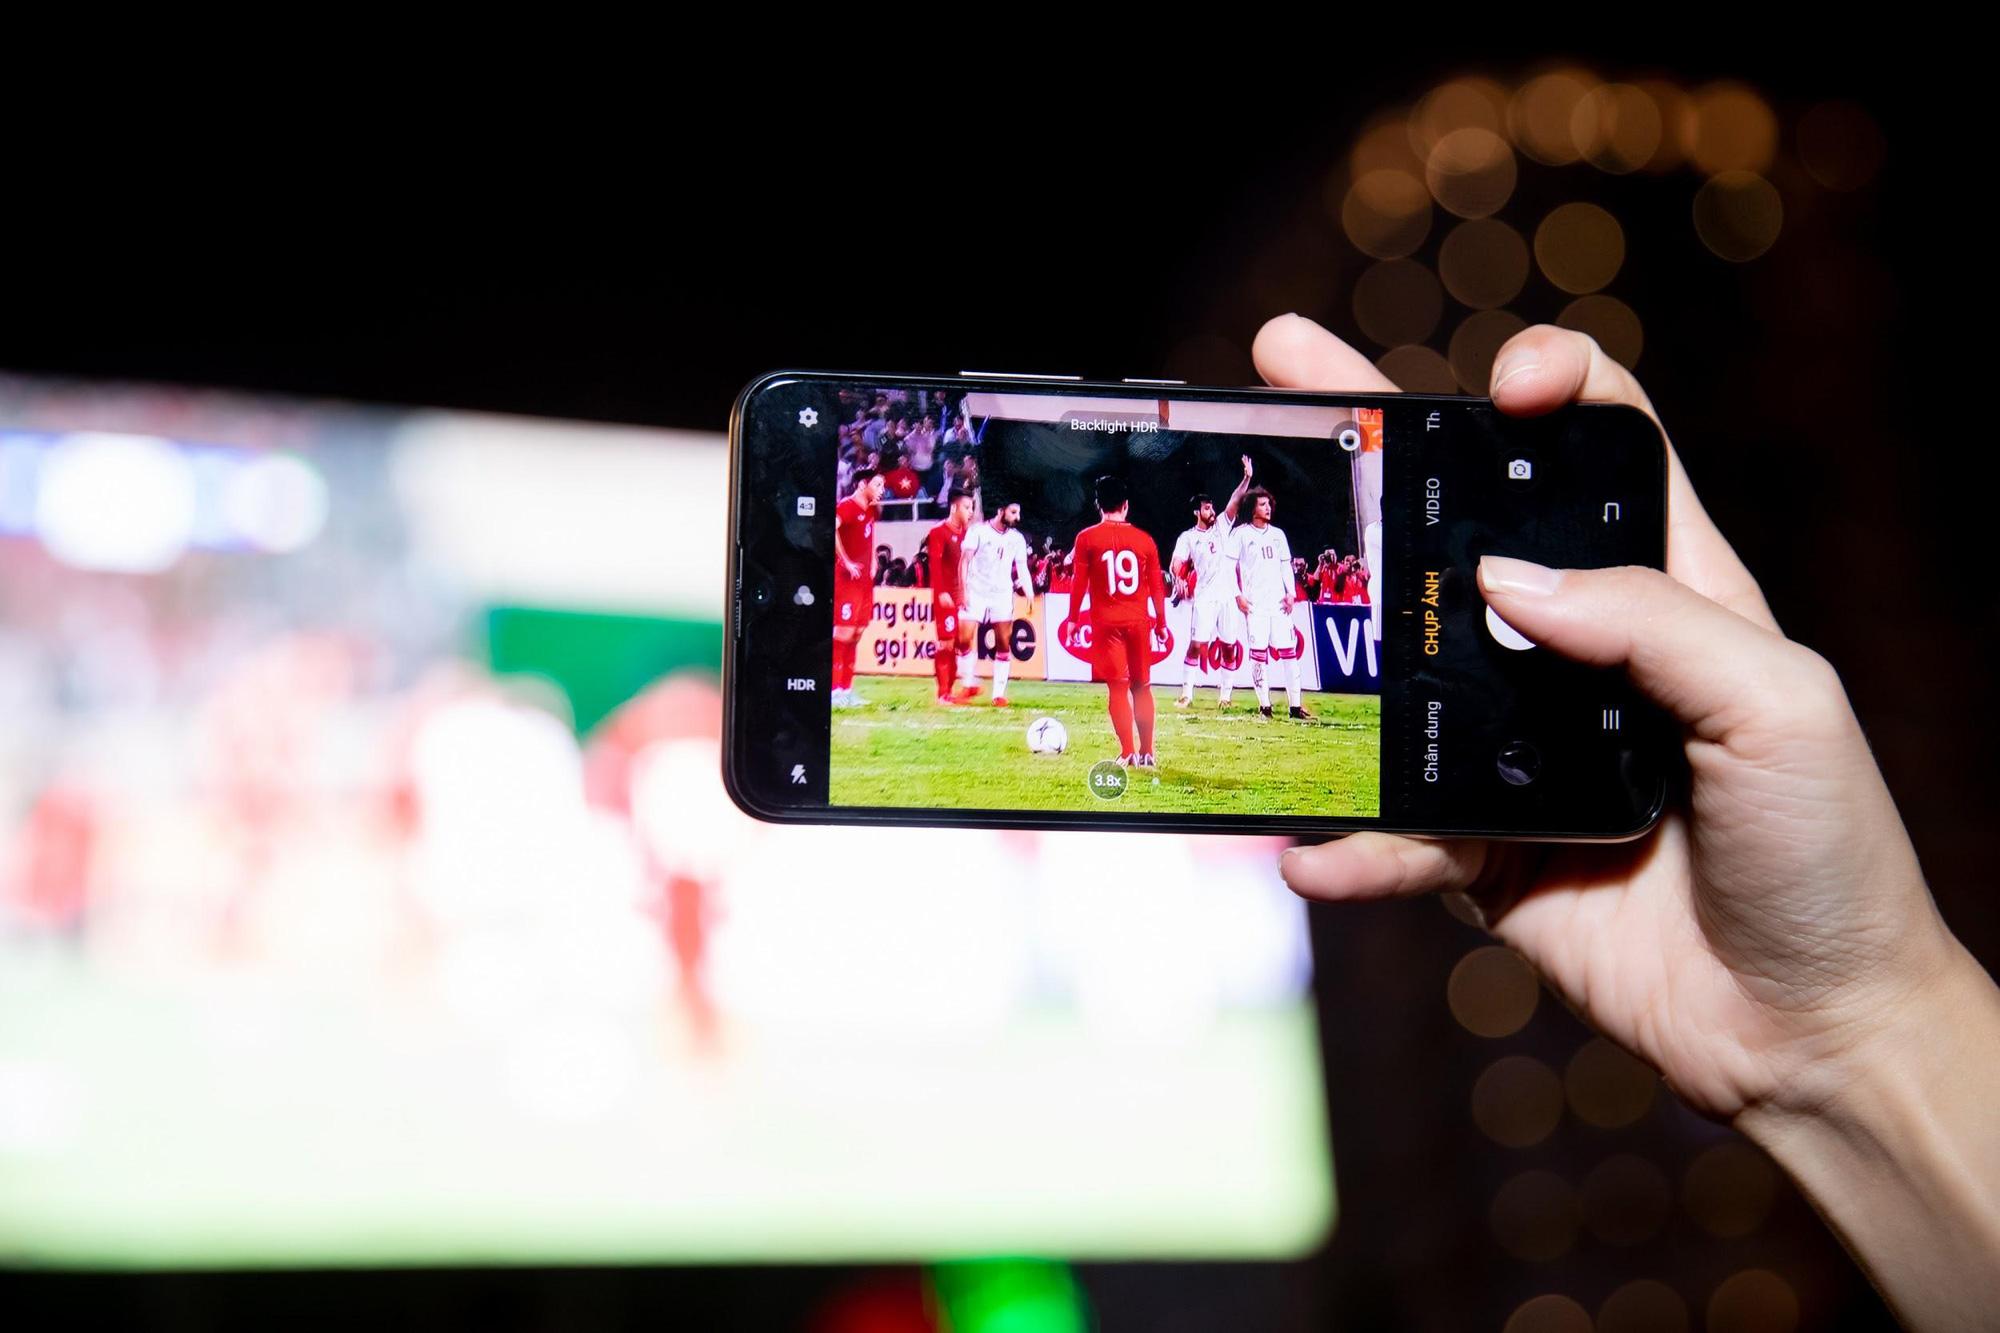 Giải mã chiếc điện thoại được hàng loạt tín đồ túc cầu selfie tại trận đấu vòng loại World Cup Việt Nam - UAE - Ảnh 5.